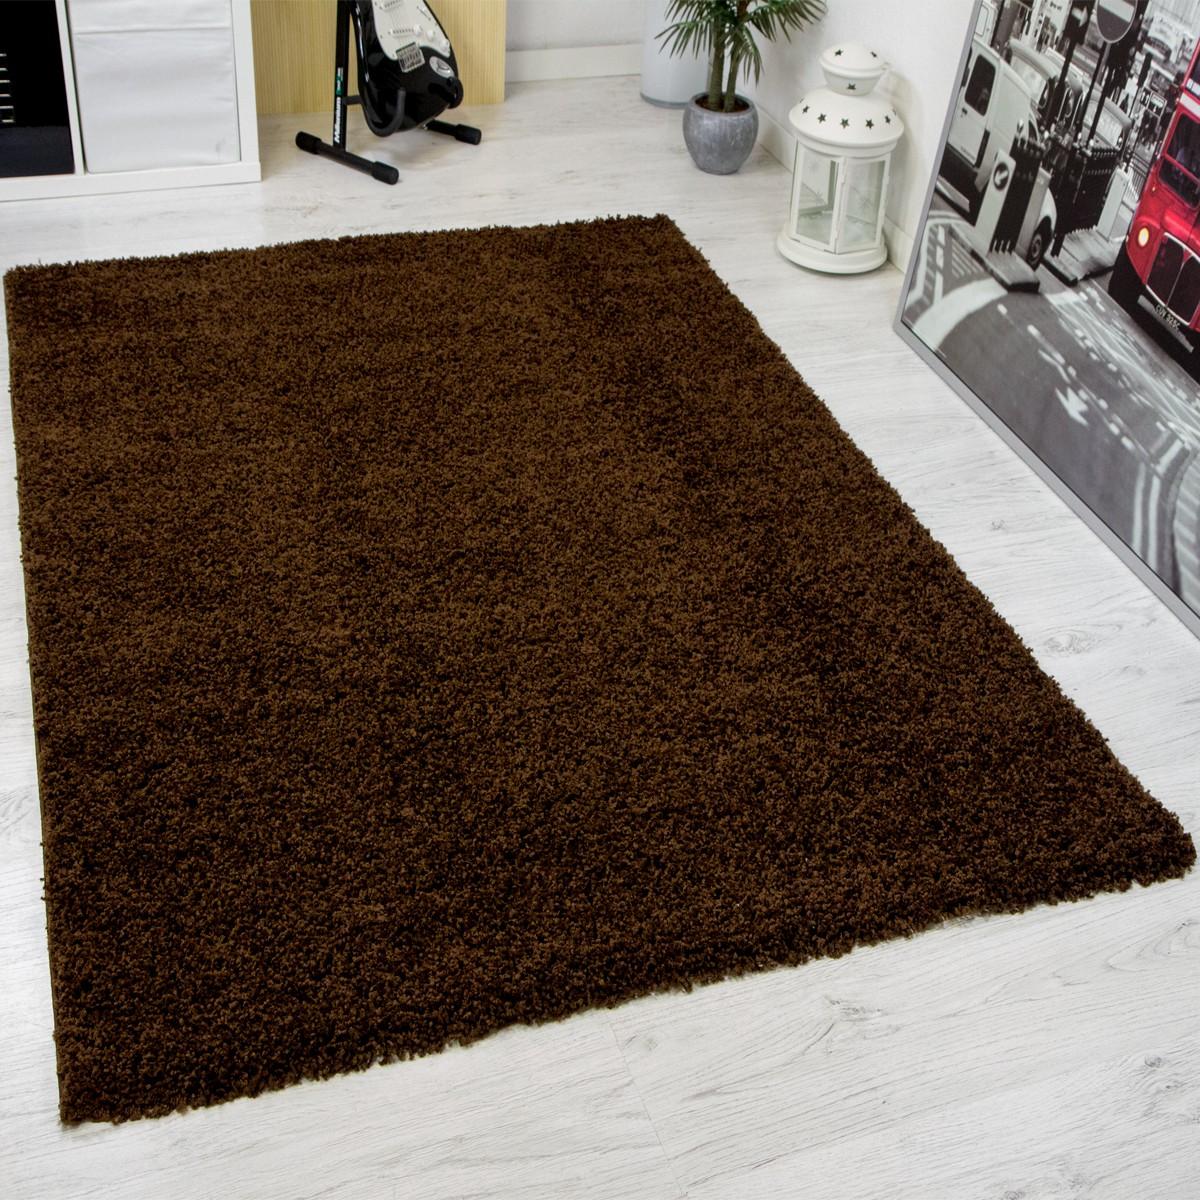 Hochflor Shaggy Teppich Modern Wohnzimmer Teppich Unifarbe